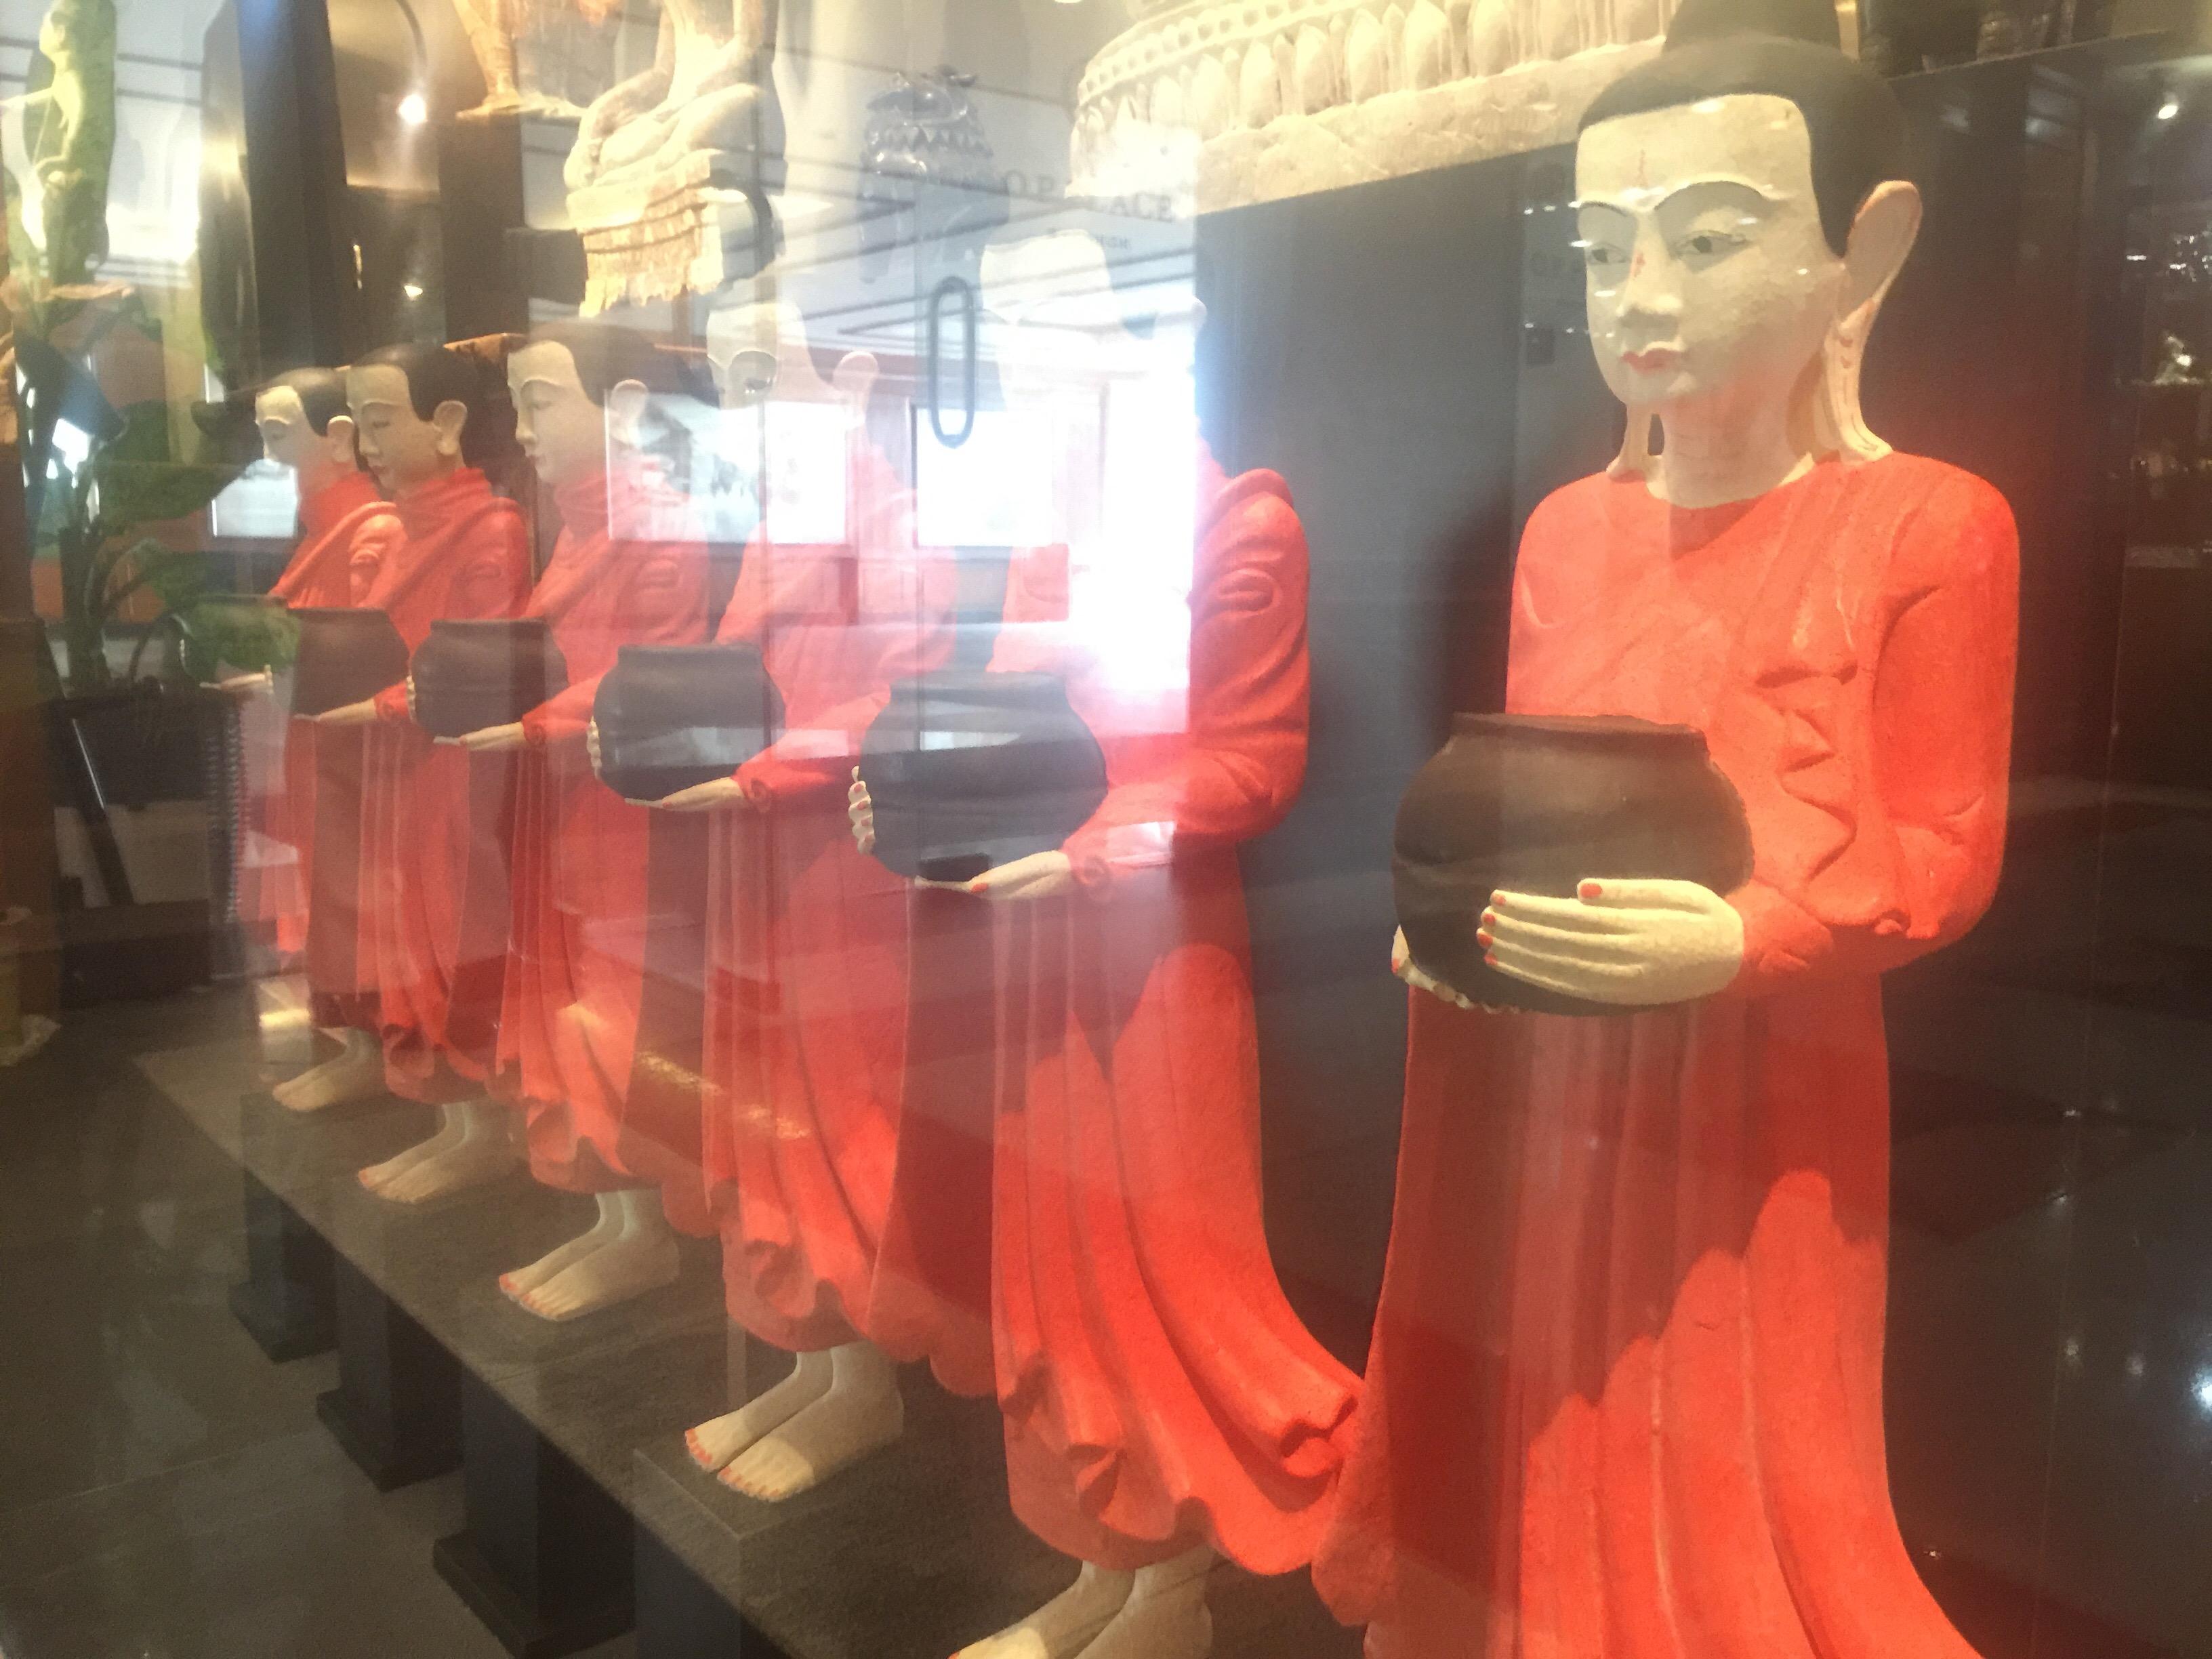 タイ・バンコク滞在② 茶会イベントの準備がスタート、さて宋胡録(すんころく)とは?